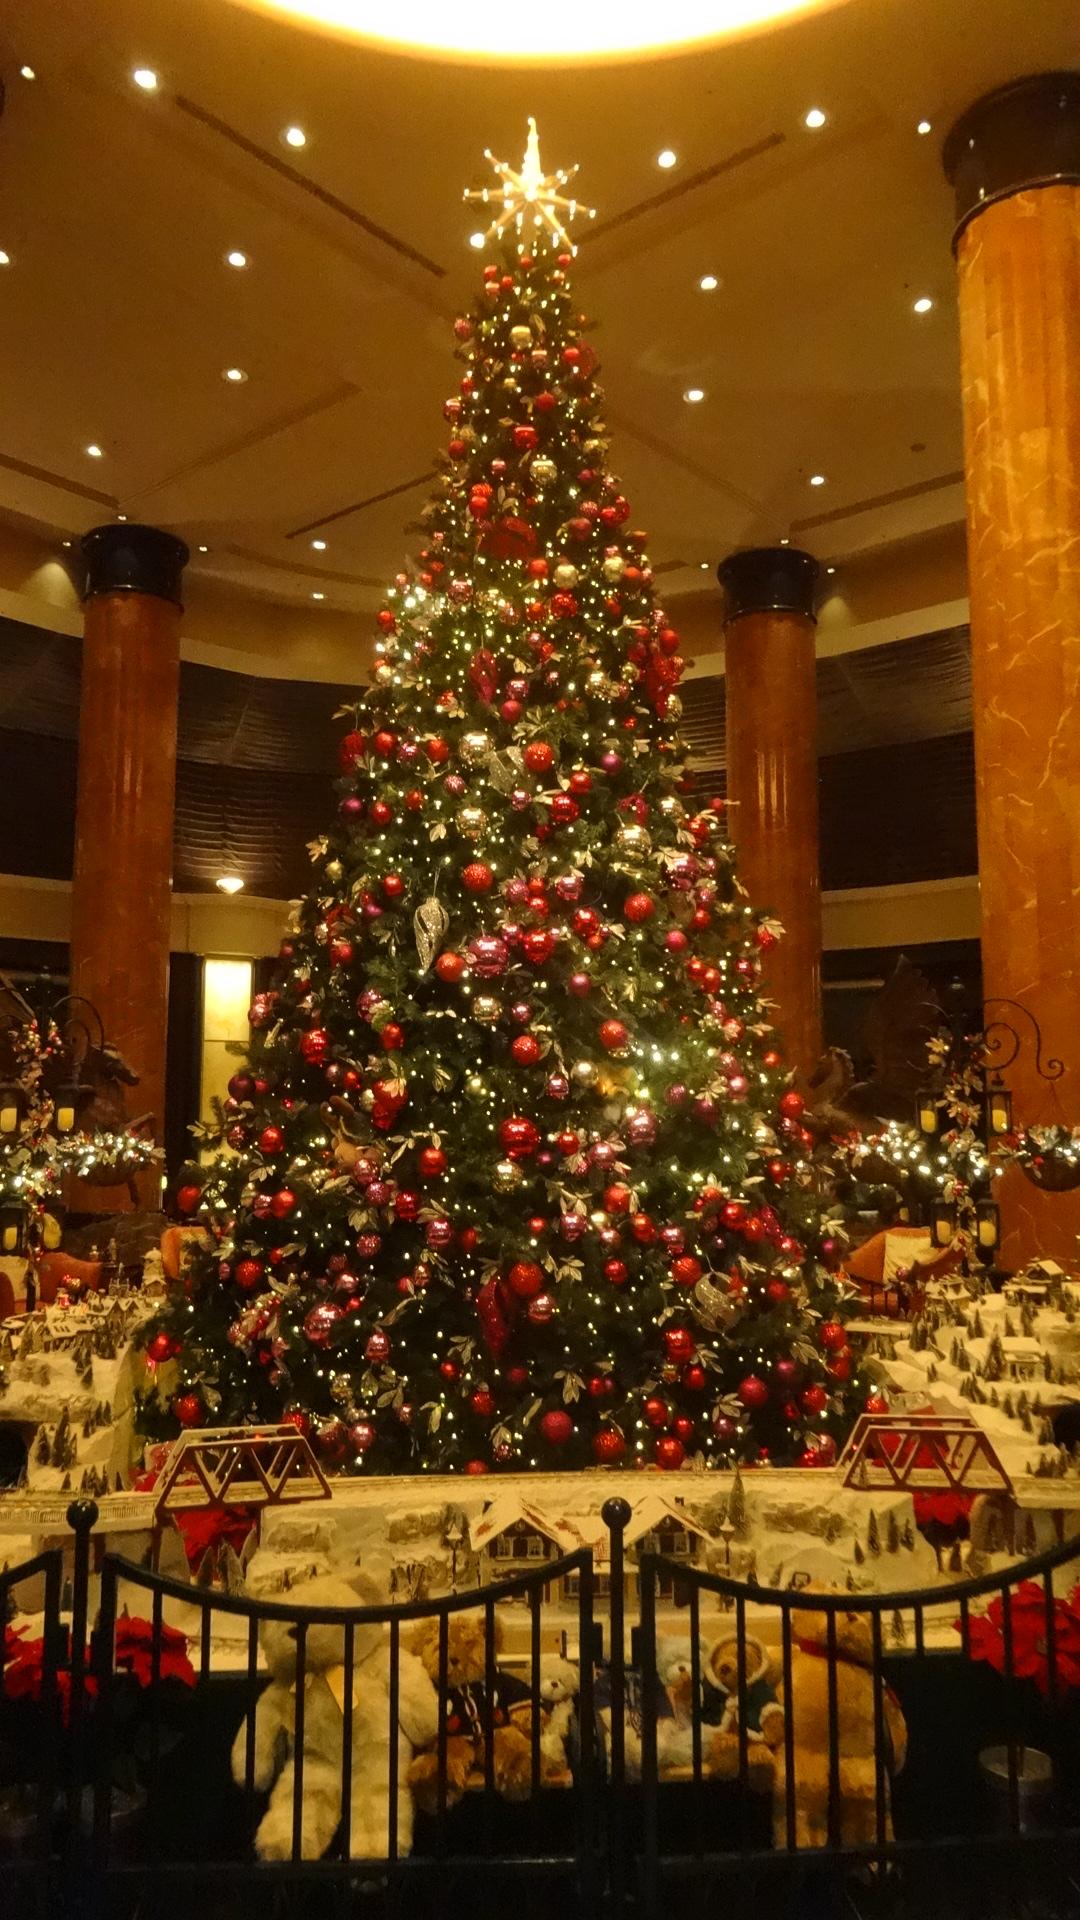 ホテルのフロントに飾られていたツリー